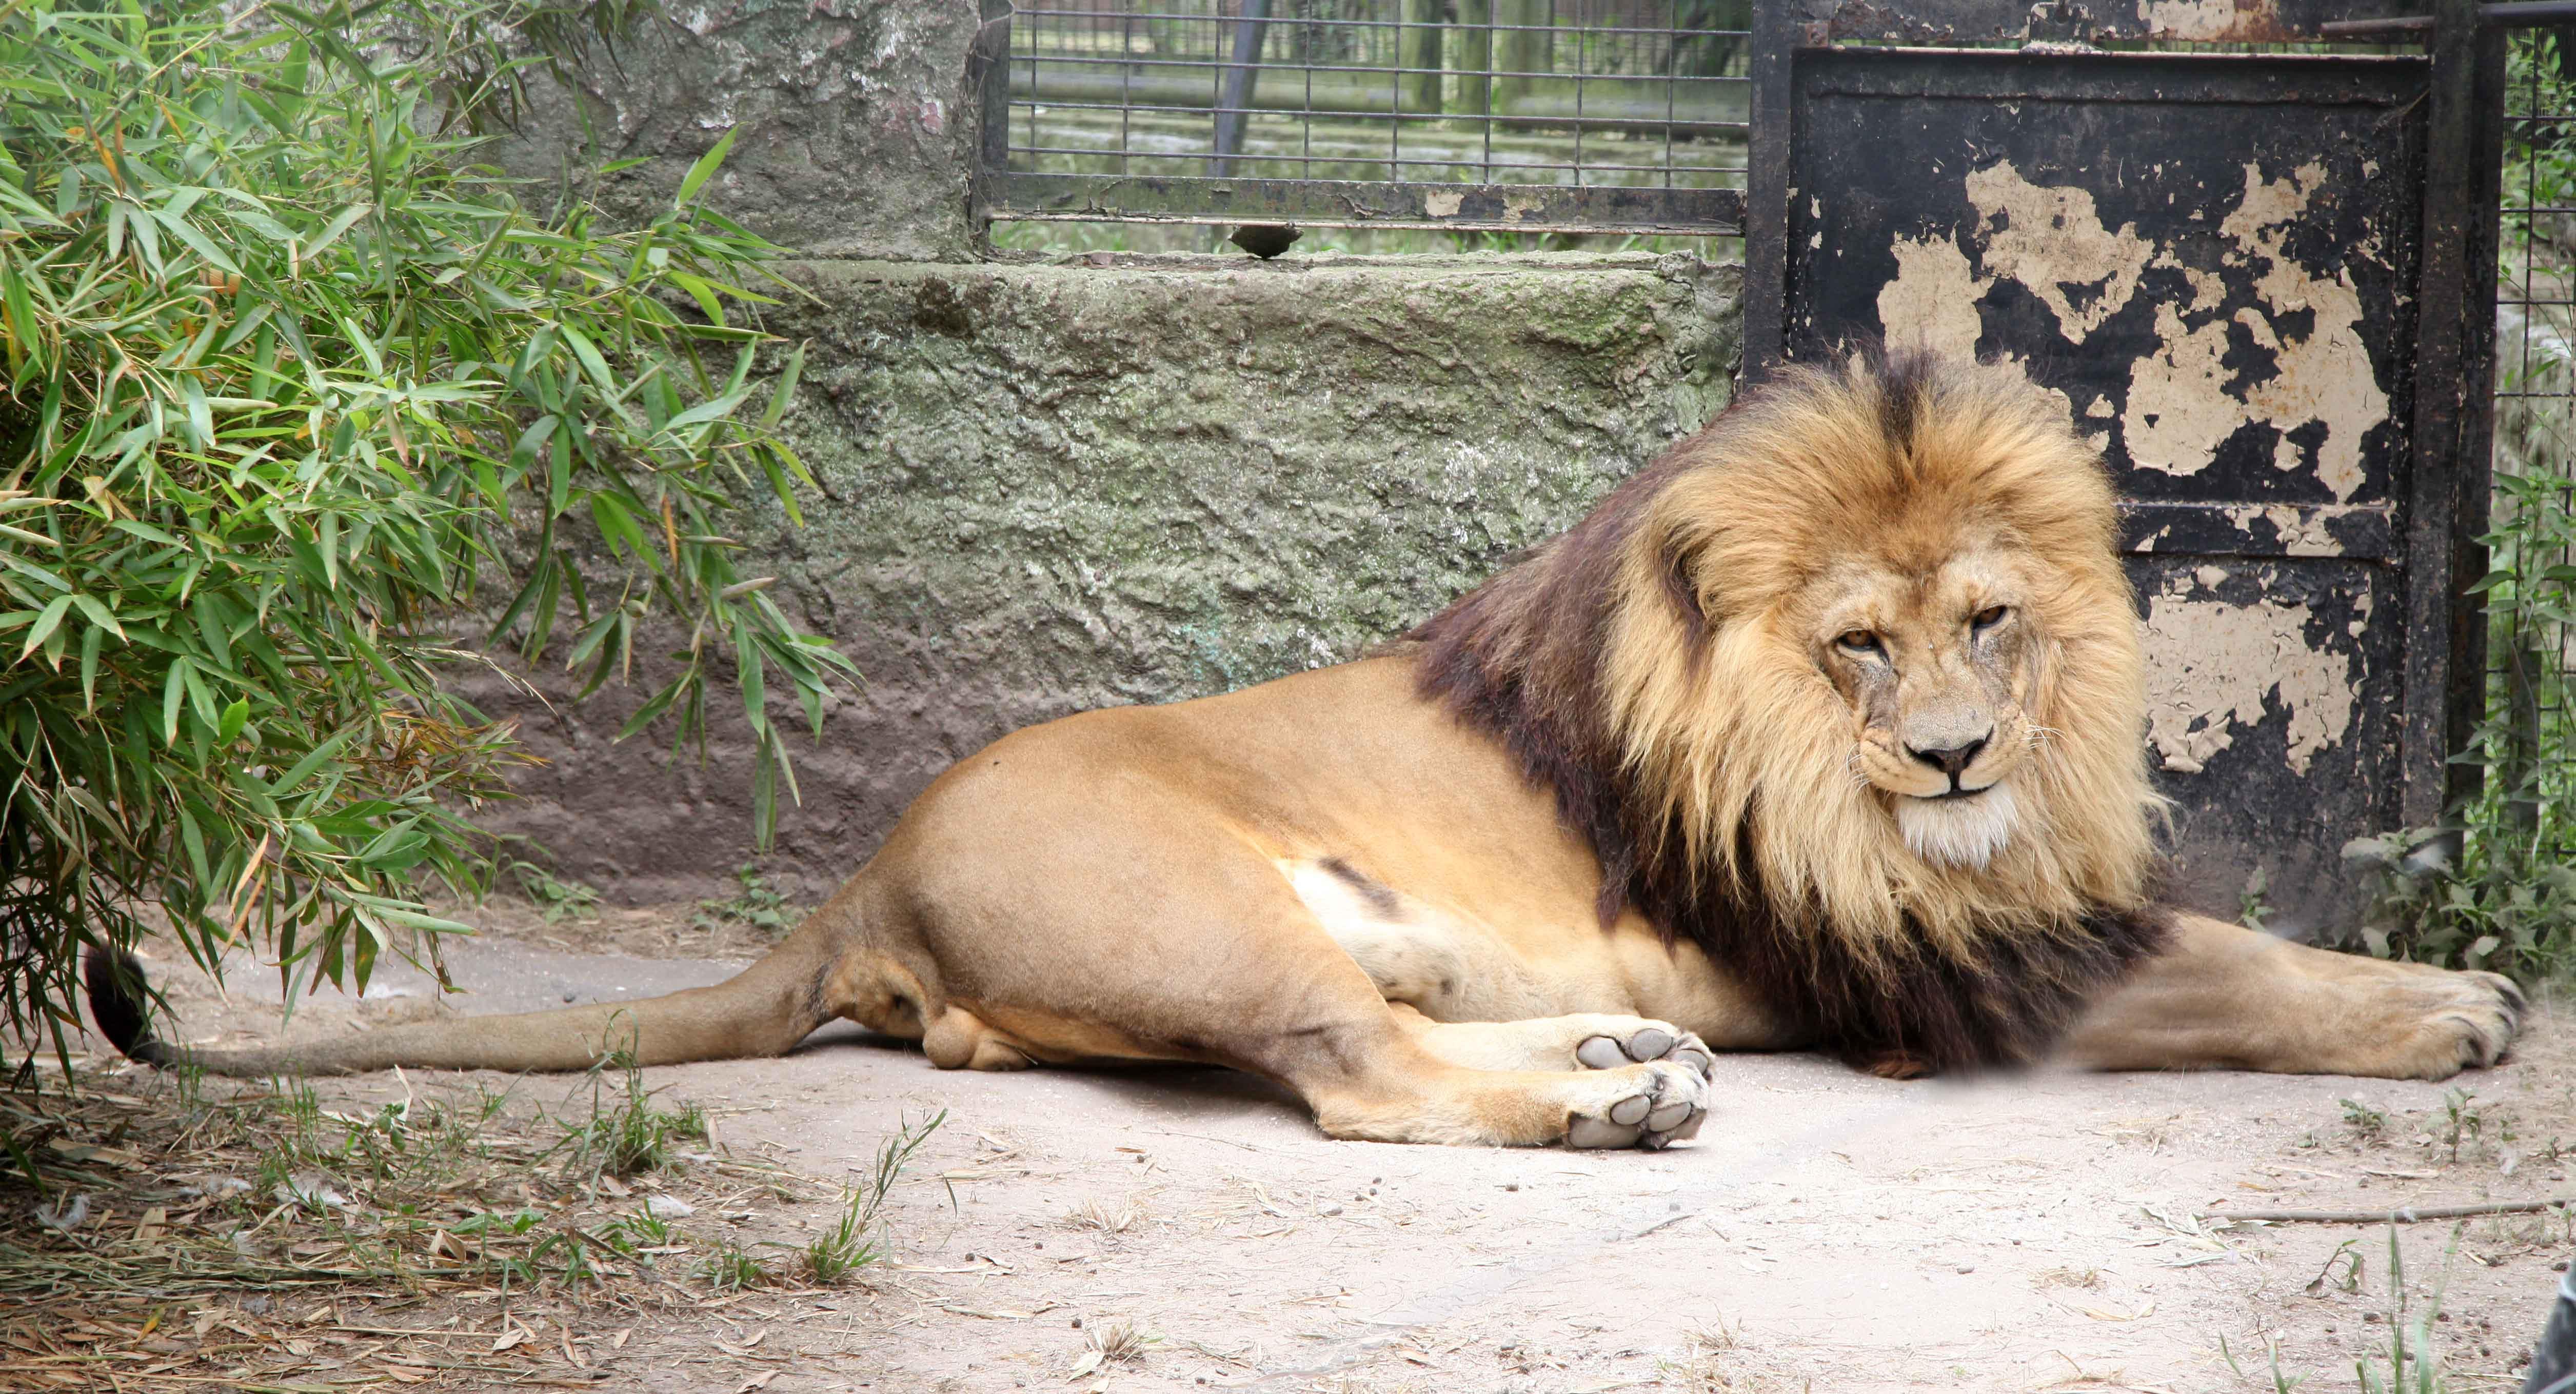 Los Leones del zoo de La Plata serán trasladados al santuario de Minnesota en Estados Unidos